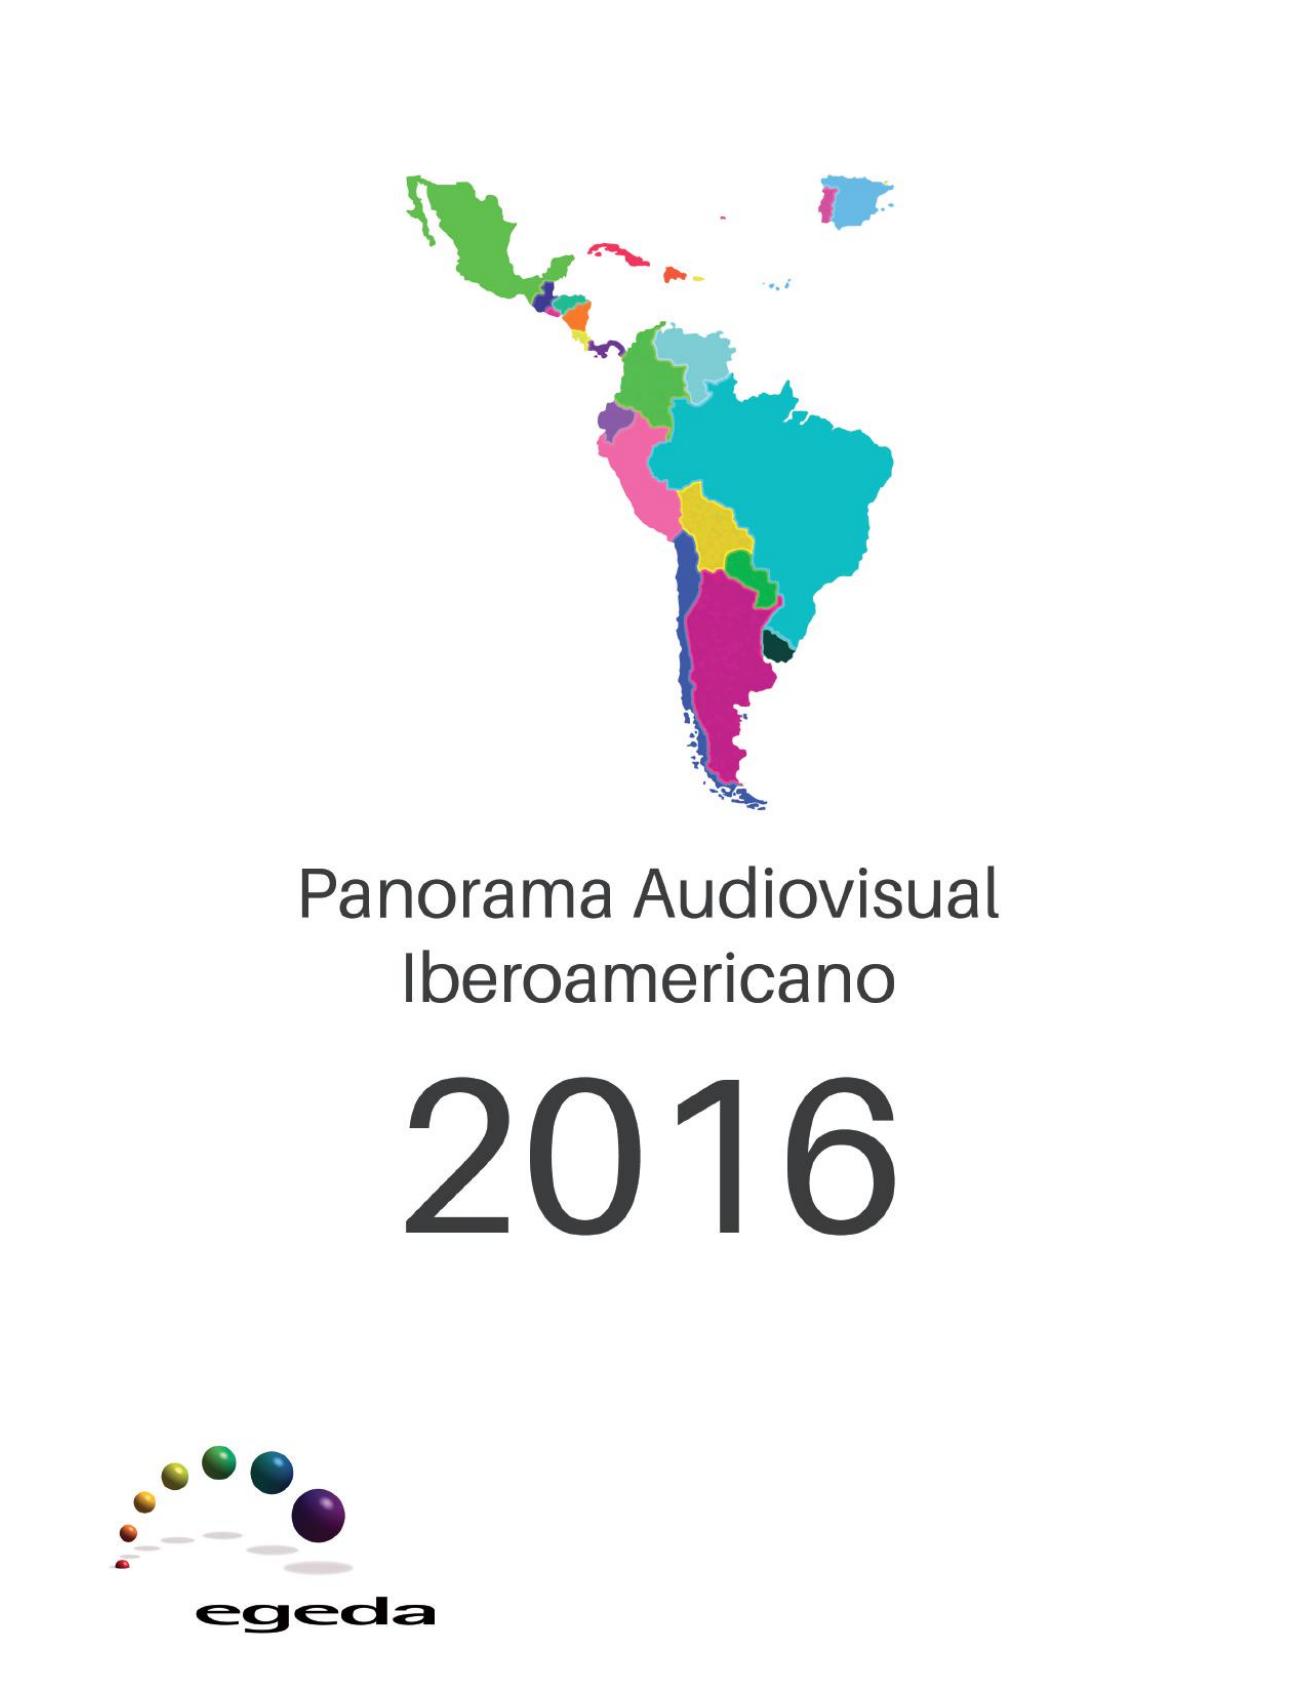 Panorama Audiovisual Iberoamericano 2016